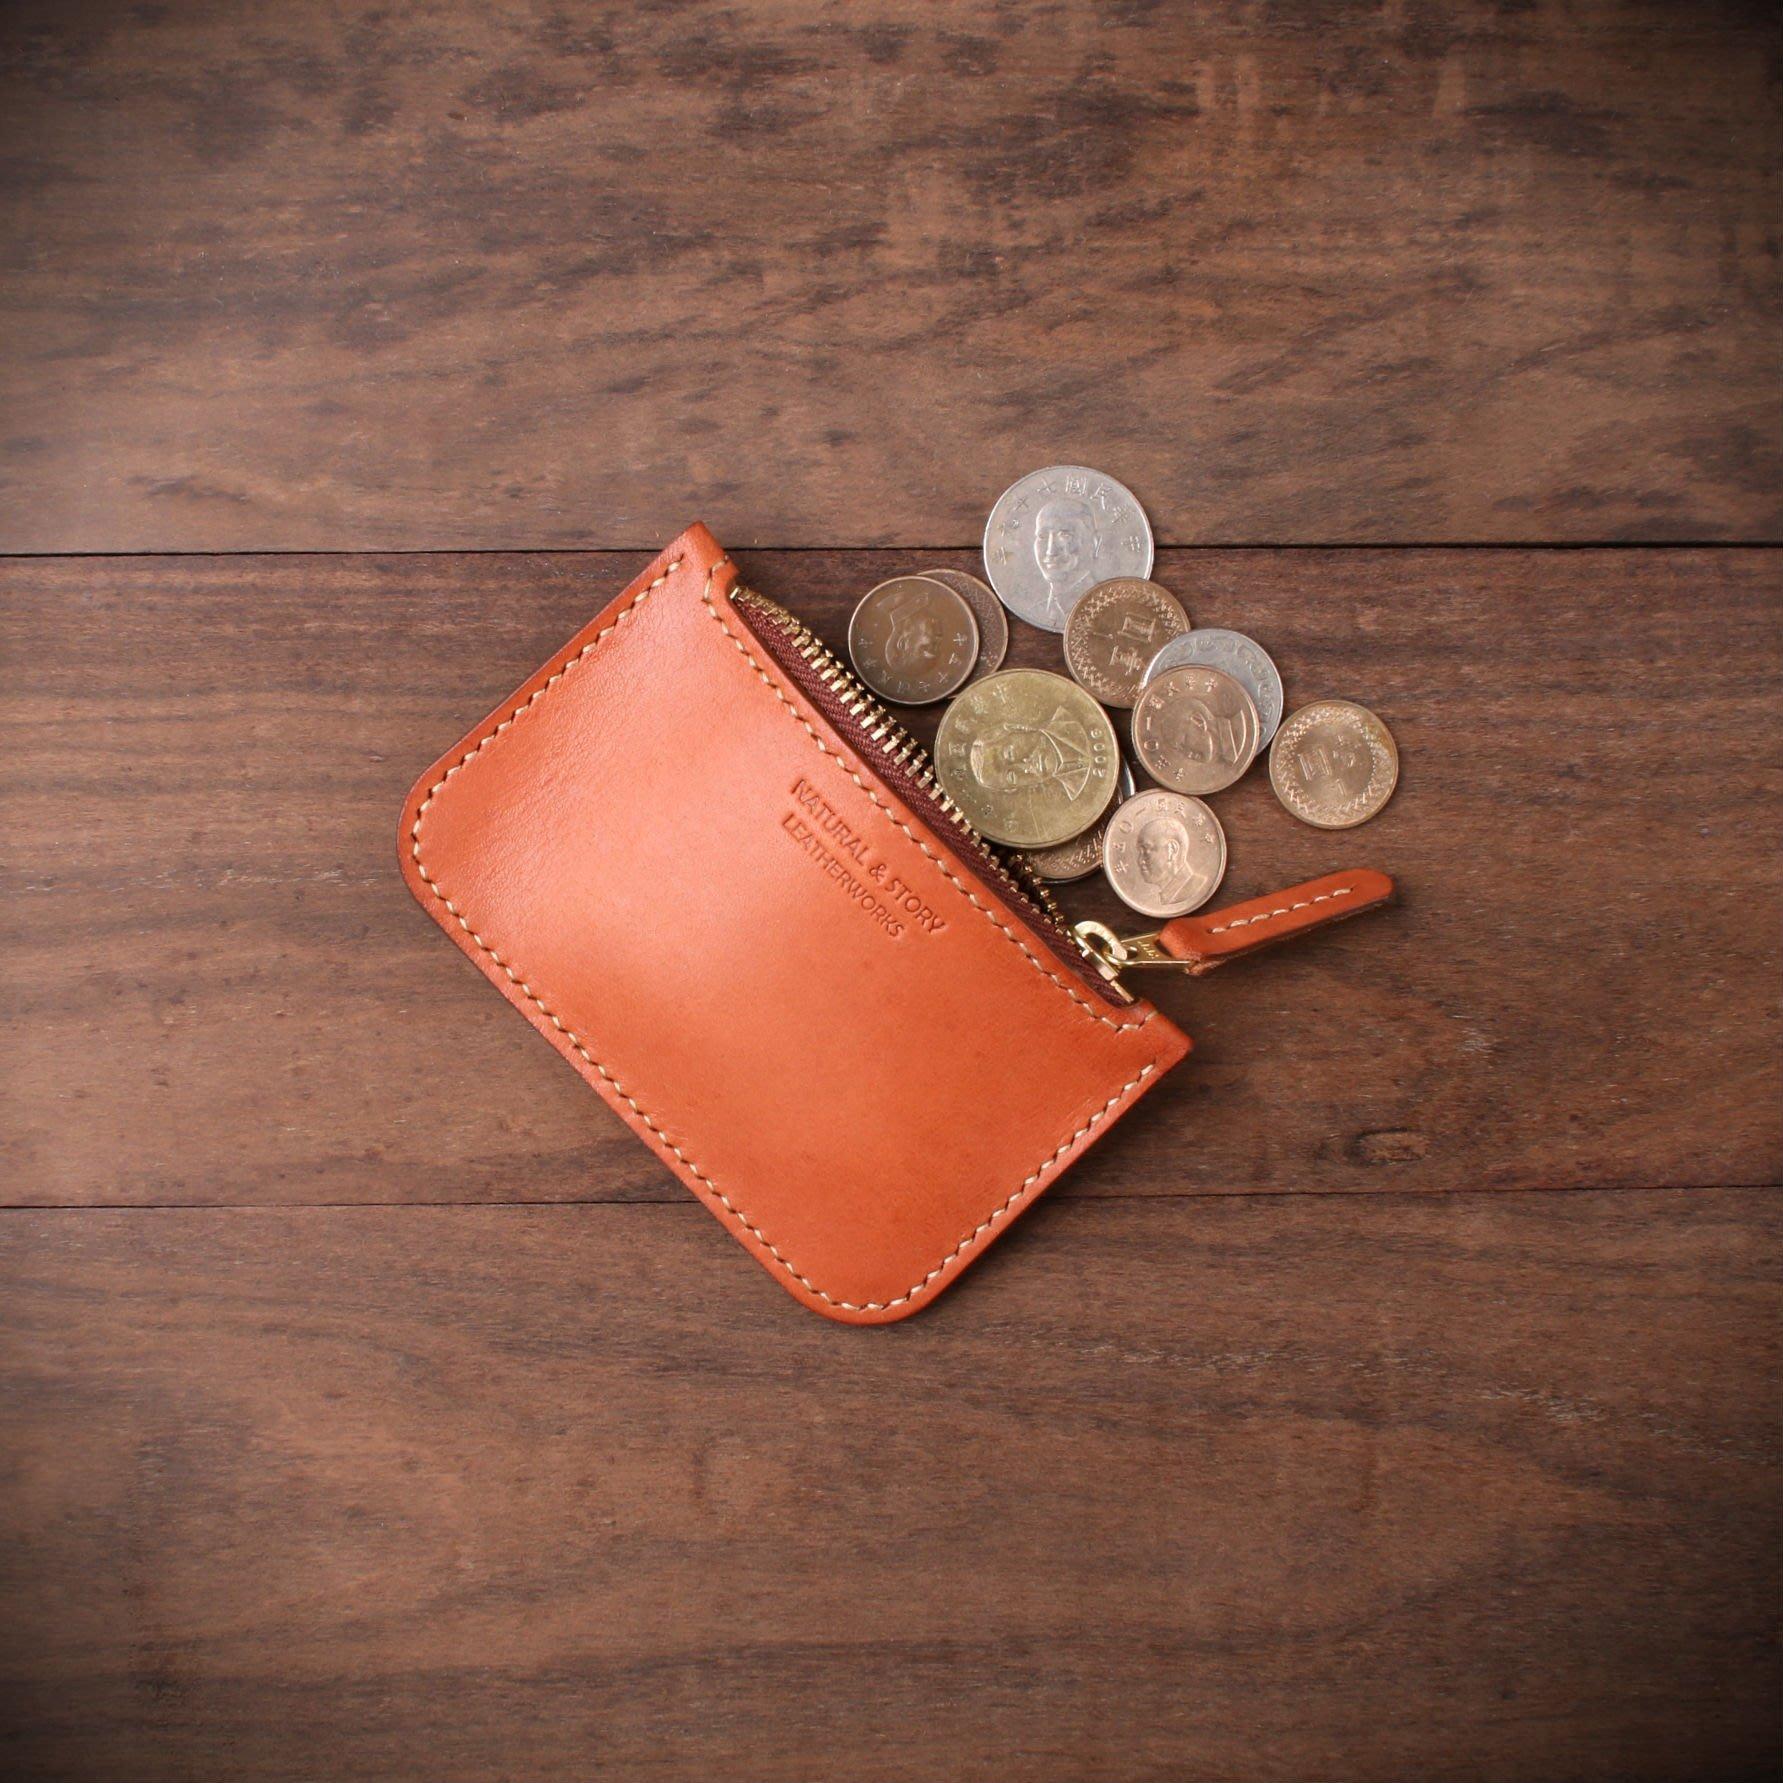 [NS手工皮件] 拉鍊零錢包、禮物 (免費打印)